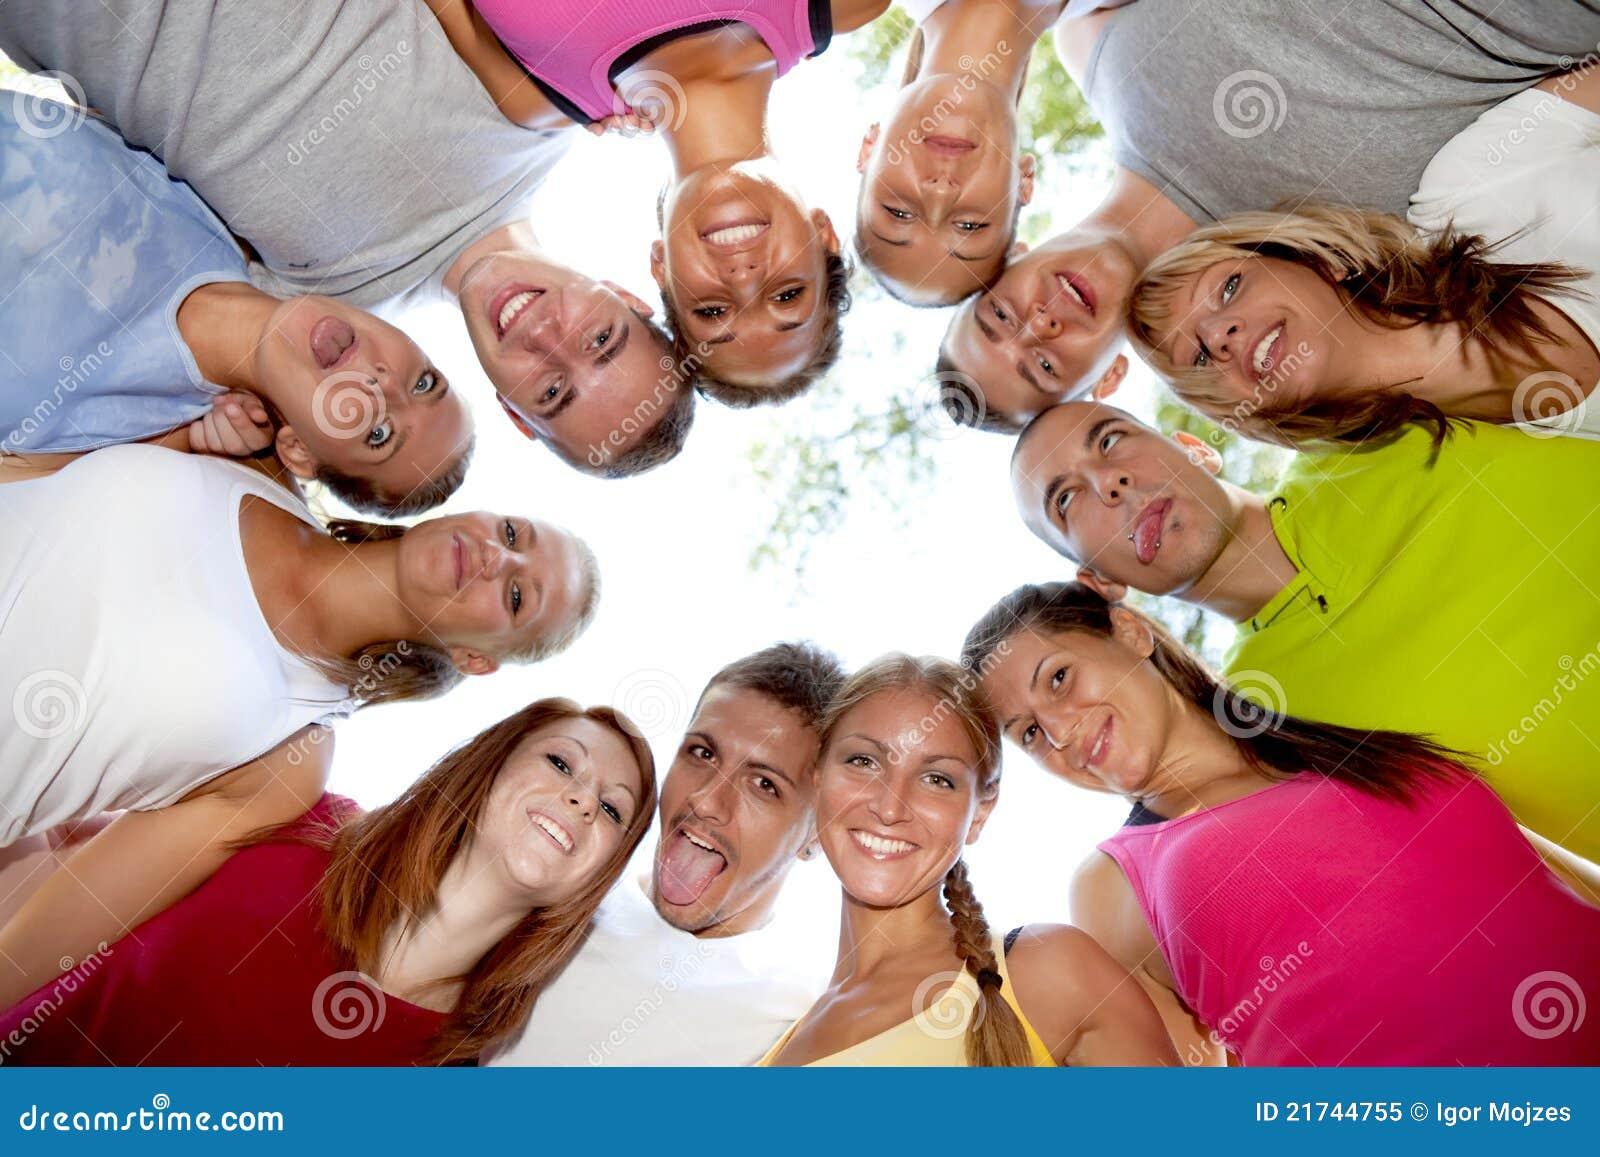 Szczęśliwa grupa przyjaciele target701_1_ i ja target702_0_